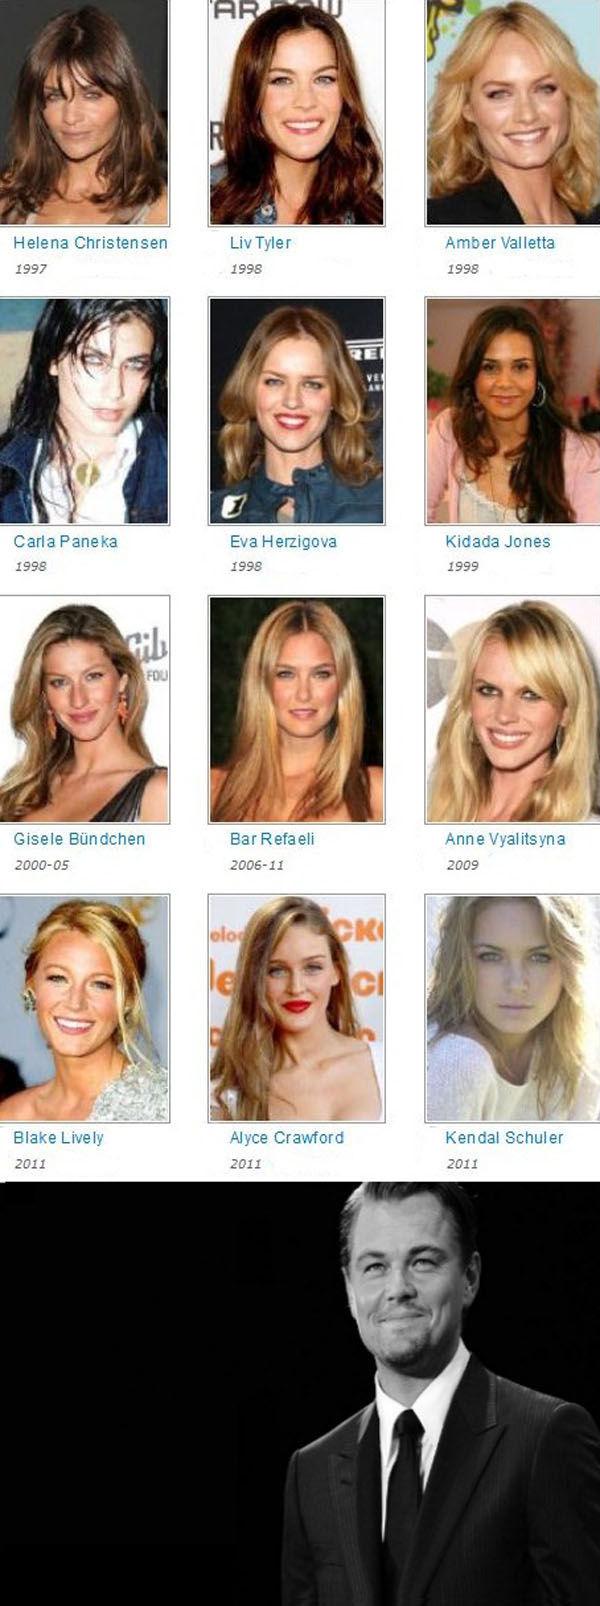 12 More Reasons to Envy Leonardo DiCaprio